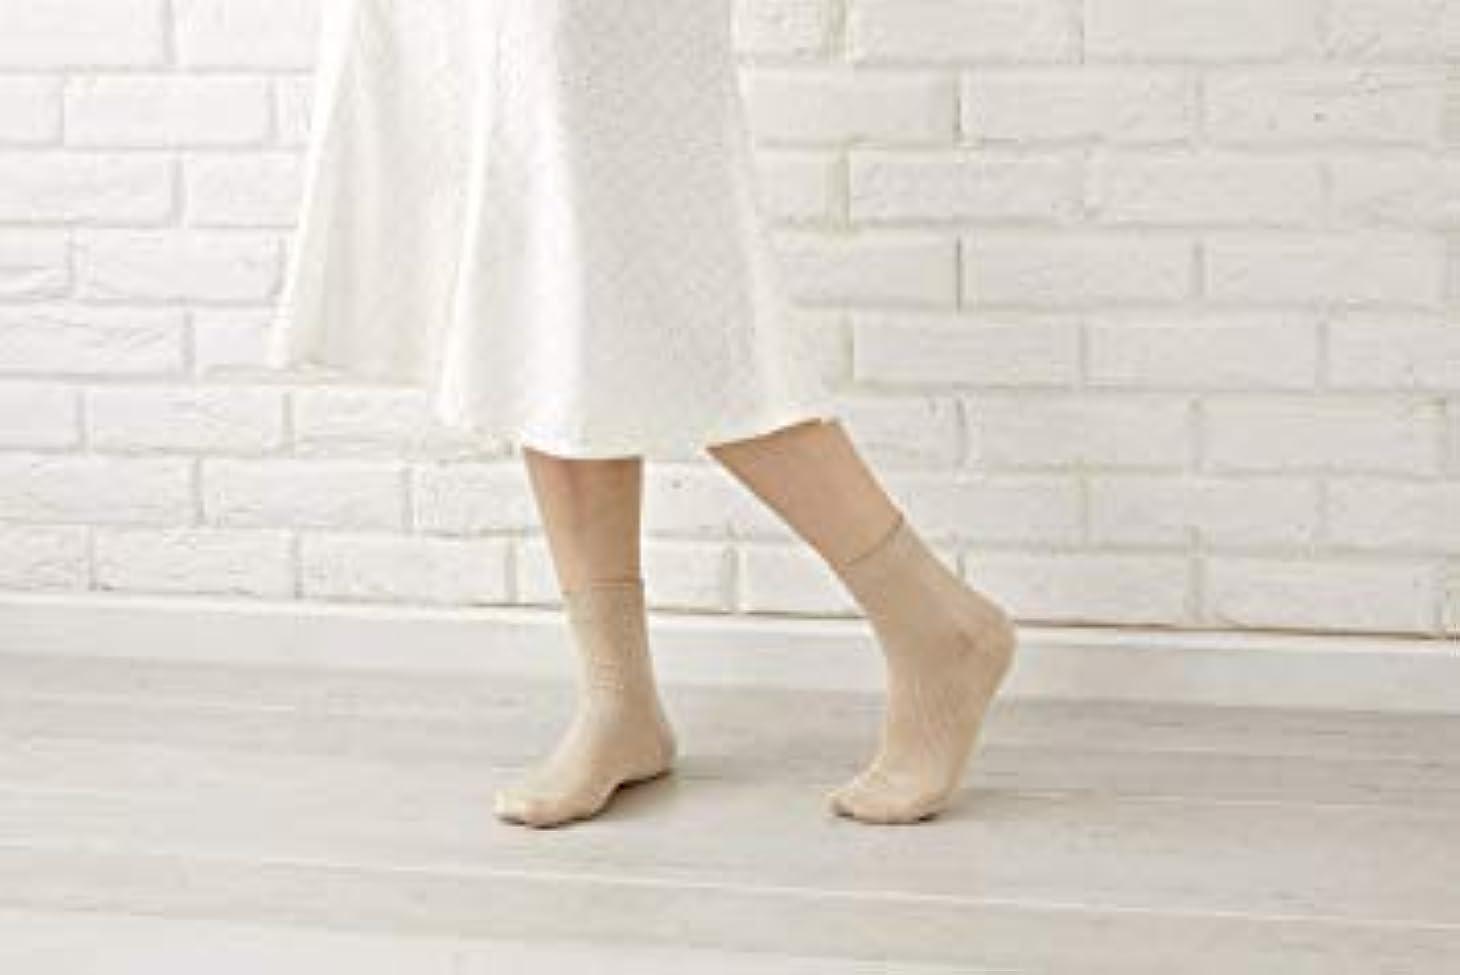 馬鹿げた国旗小競り合い婦人用 最高級 シルク100% 使用 定番 靴下 リブ 22-24cm 太陽ニット 512 (ピンク)